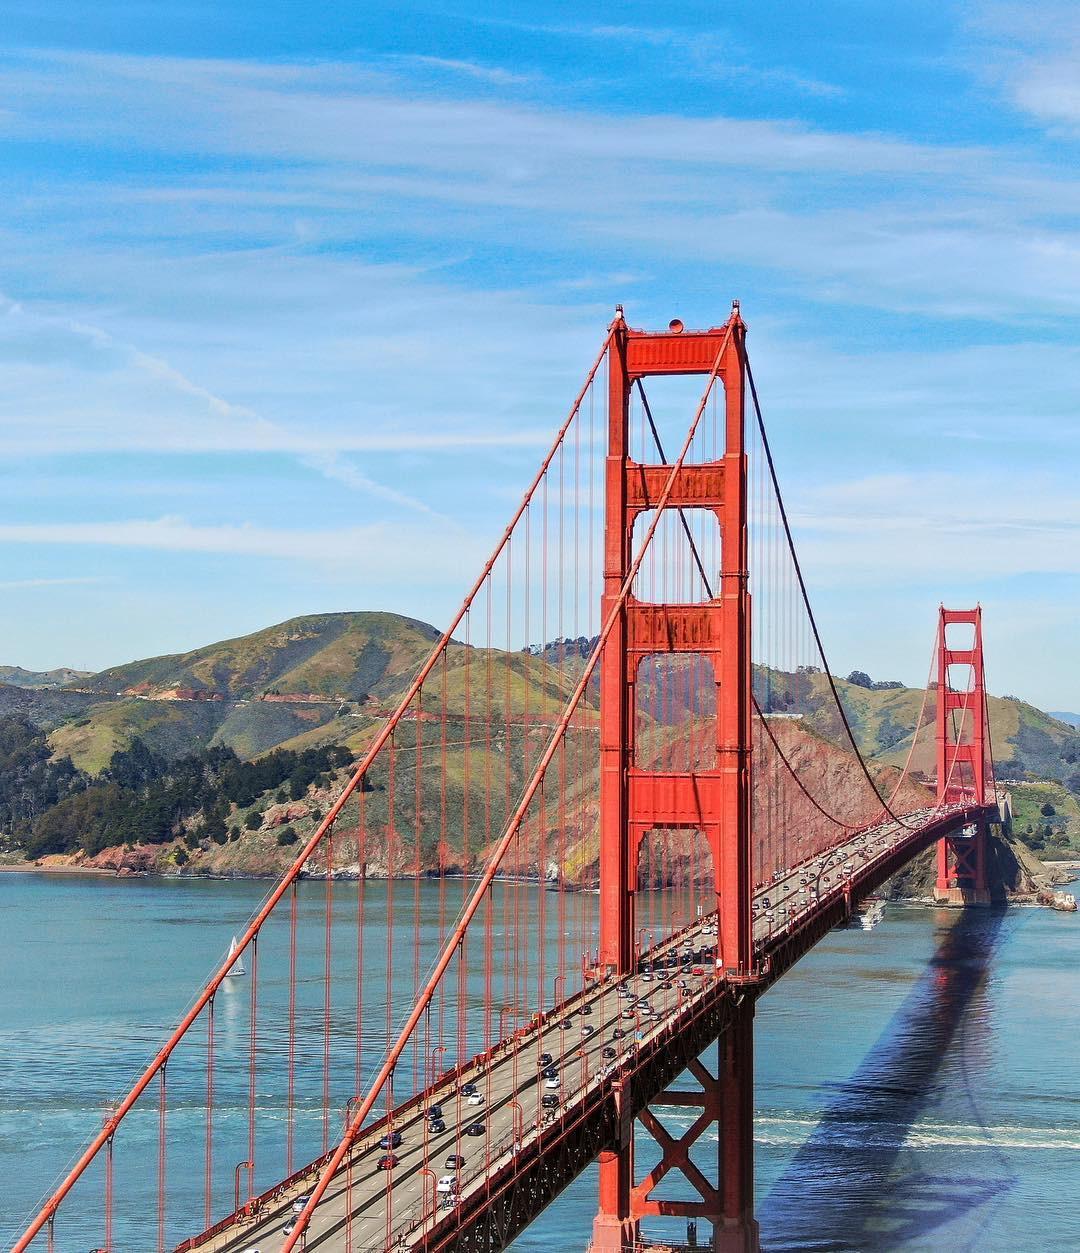 Lên hình đẹp là thế nhưng ít ai biết cây cầu này lại được mệnh danh là bãi tự sát của nước Mỹ - Ảnh 3.